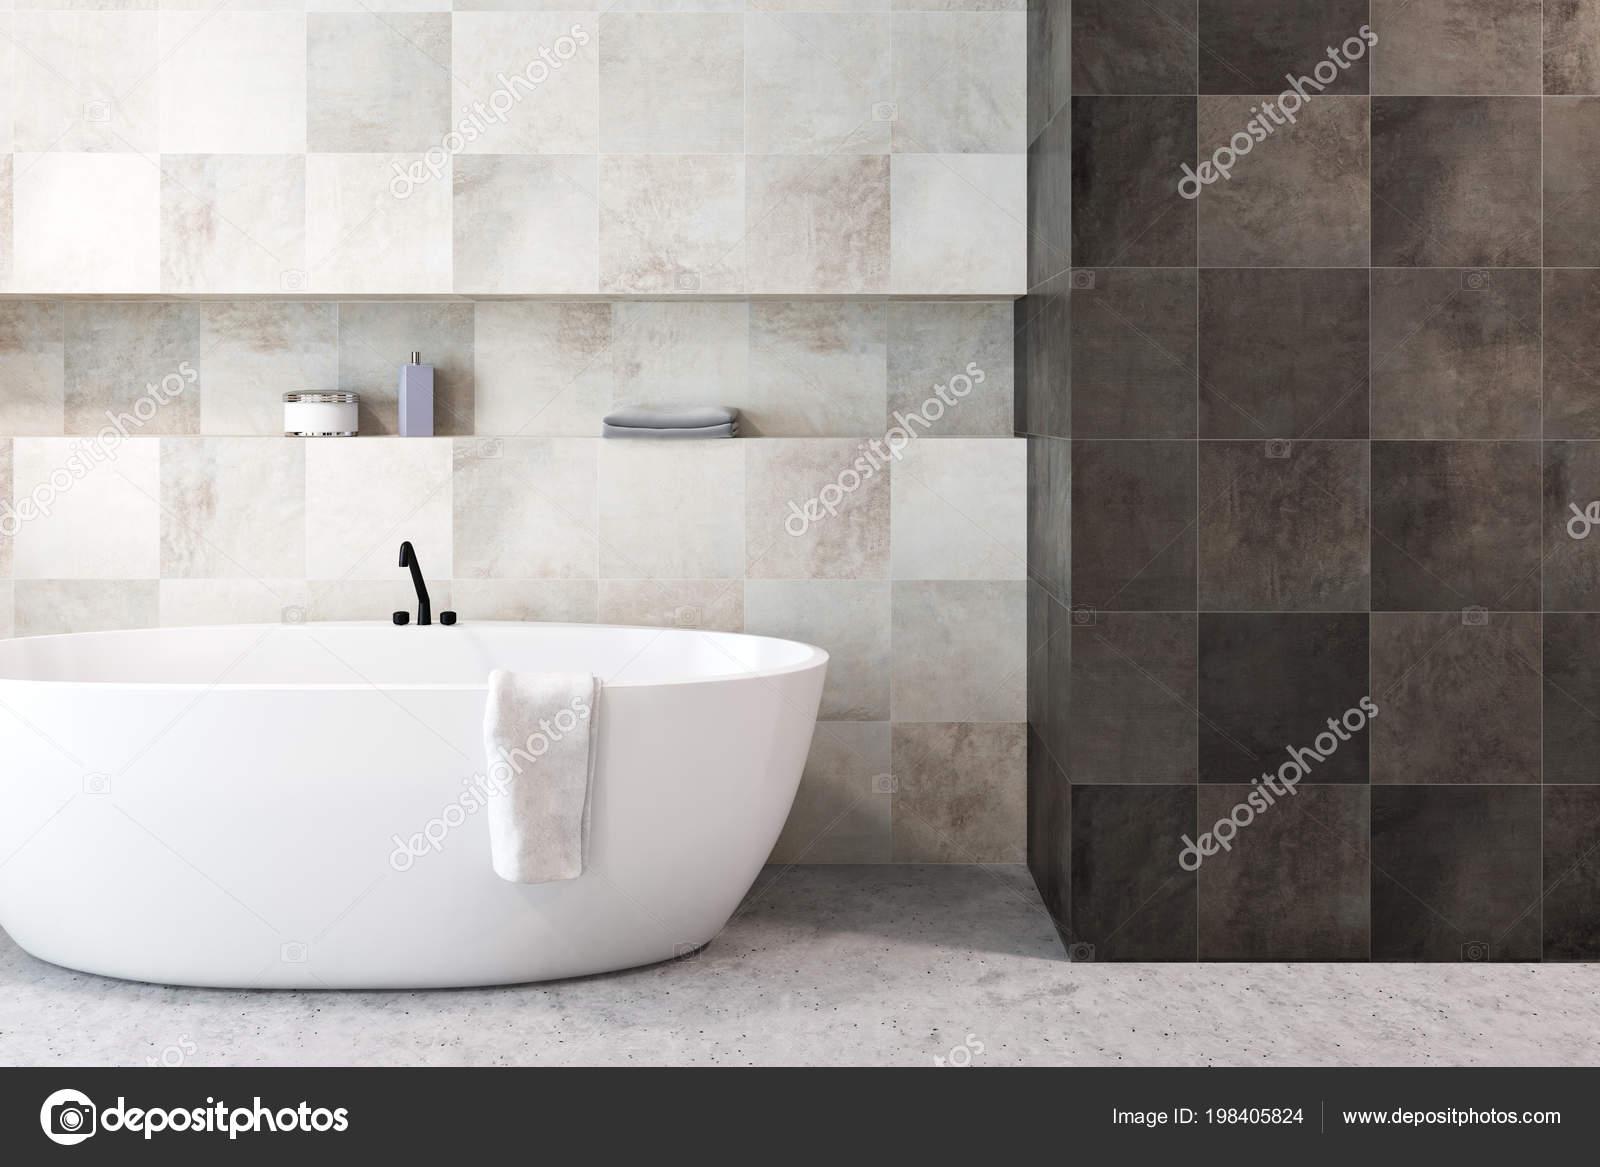 Baignoire Blanche Dans Intérieur Blanc Noir Salle Bain Moderne Carrelée U2014  Photo